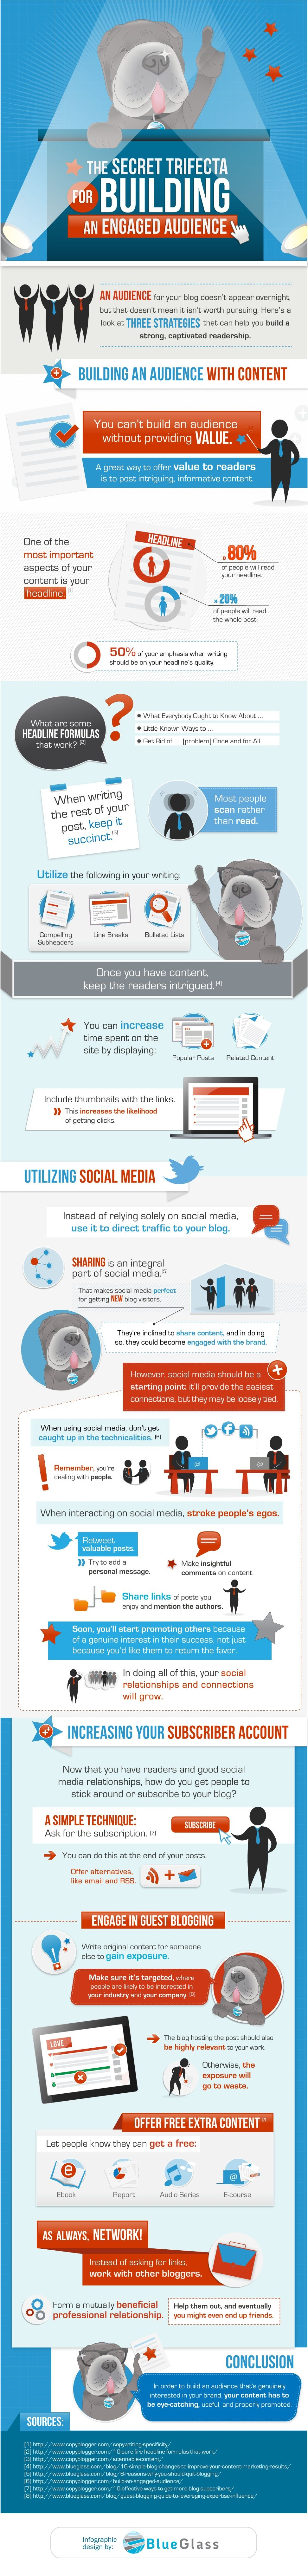 [infographie] Comment obtenir une audience engagée pour votre site?